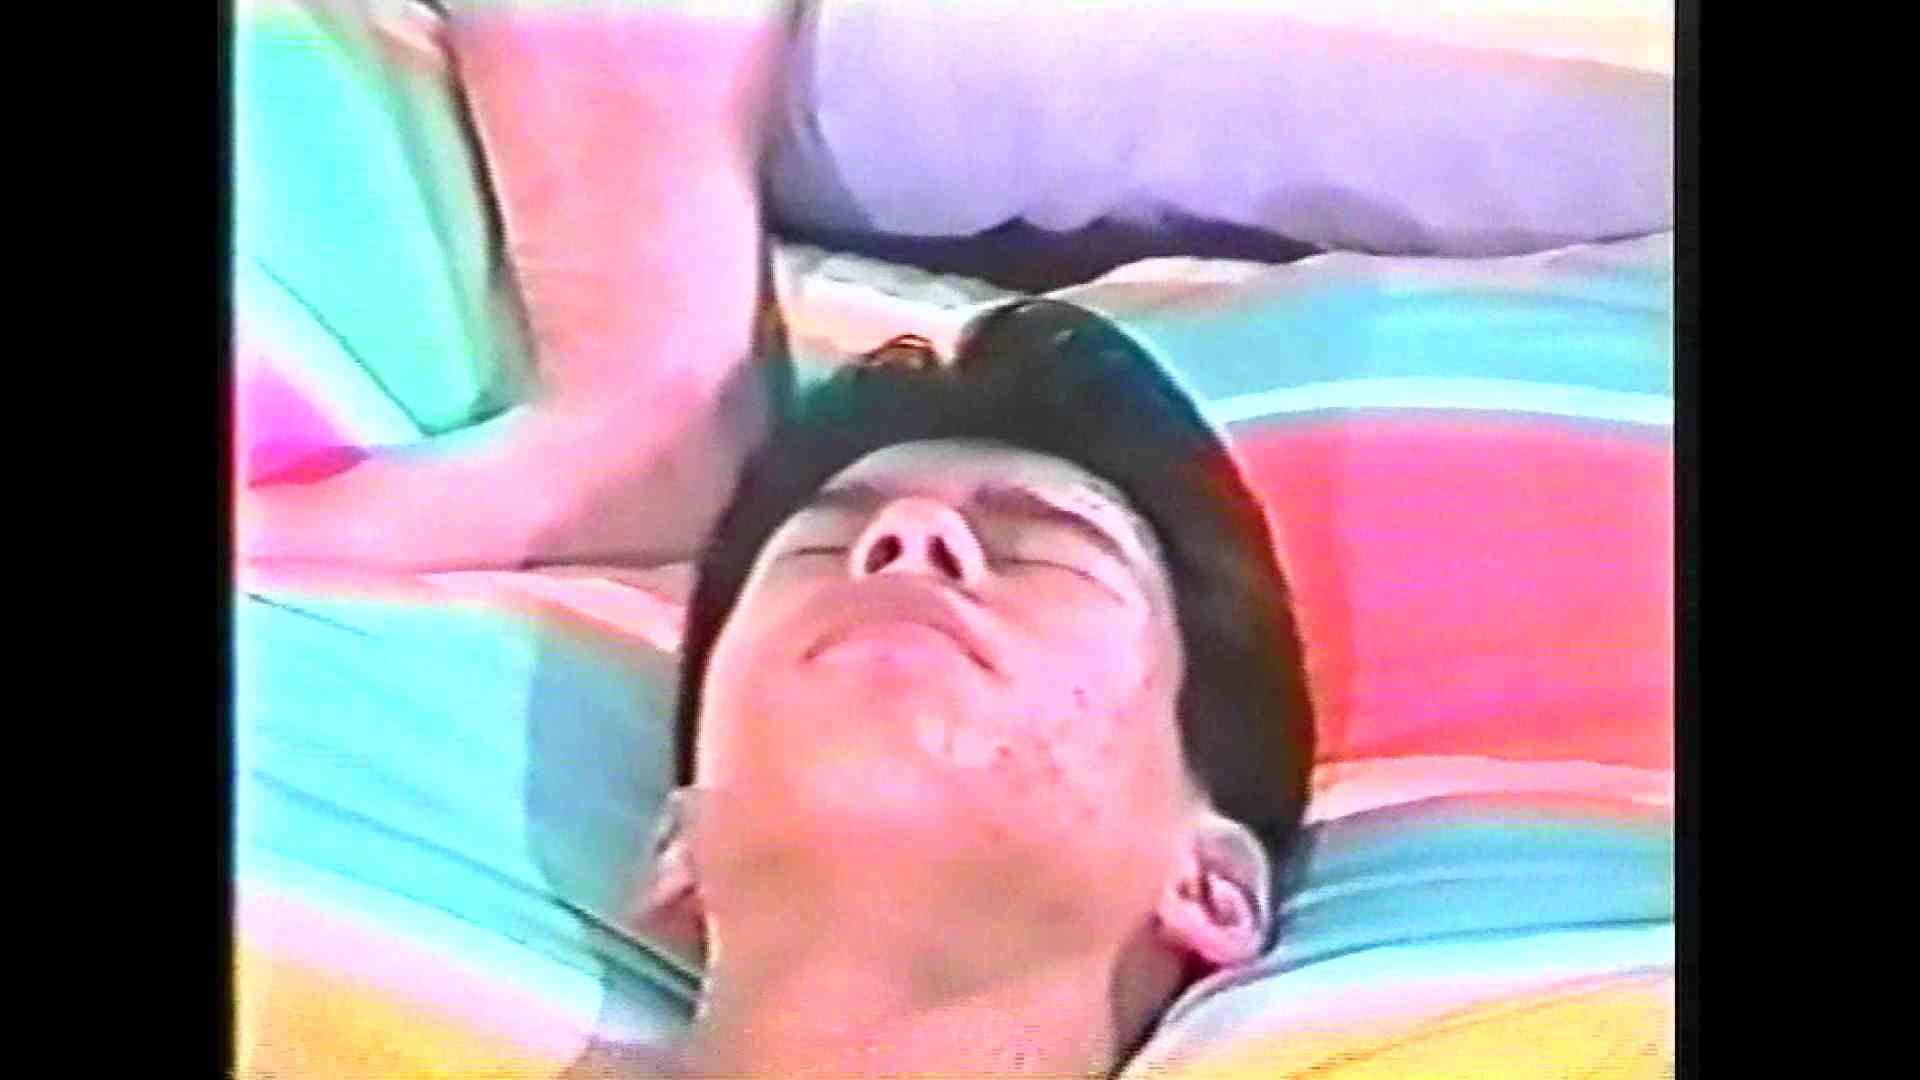 MADOKAさんのズリネタコレクションVol.11-1 ゲイマニア | 0  111枚 89